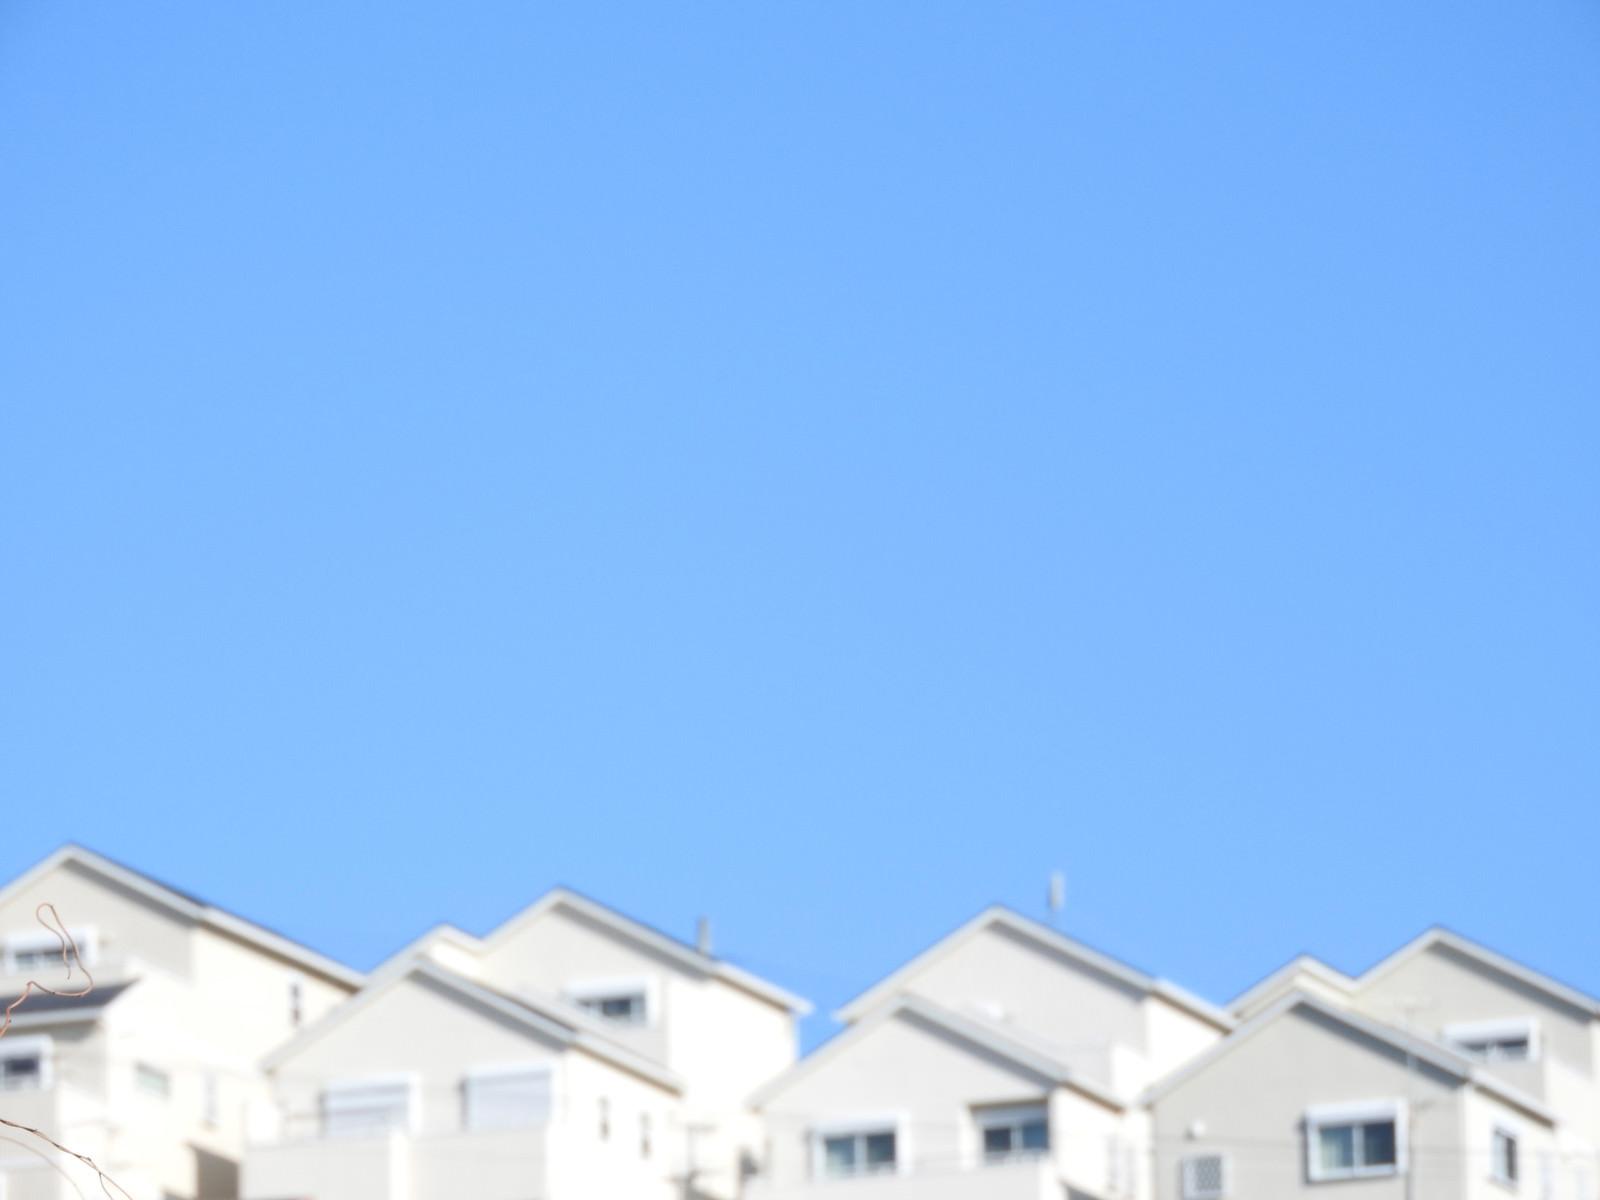 「青空と丘の住宅」の写真